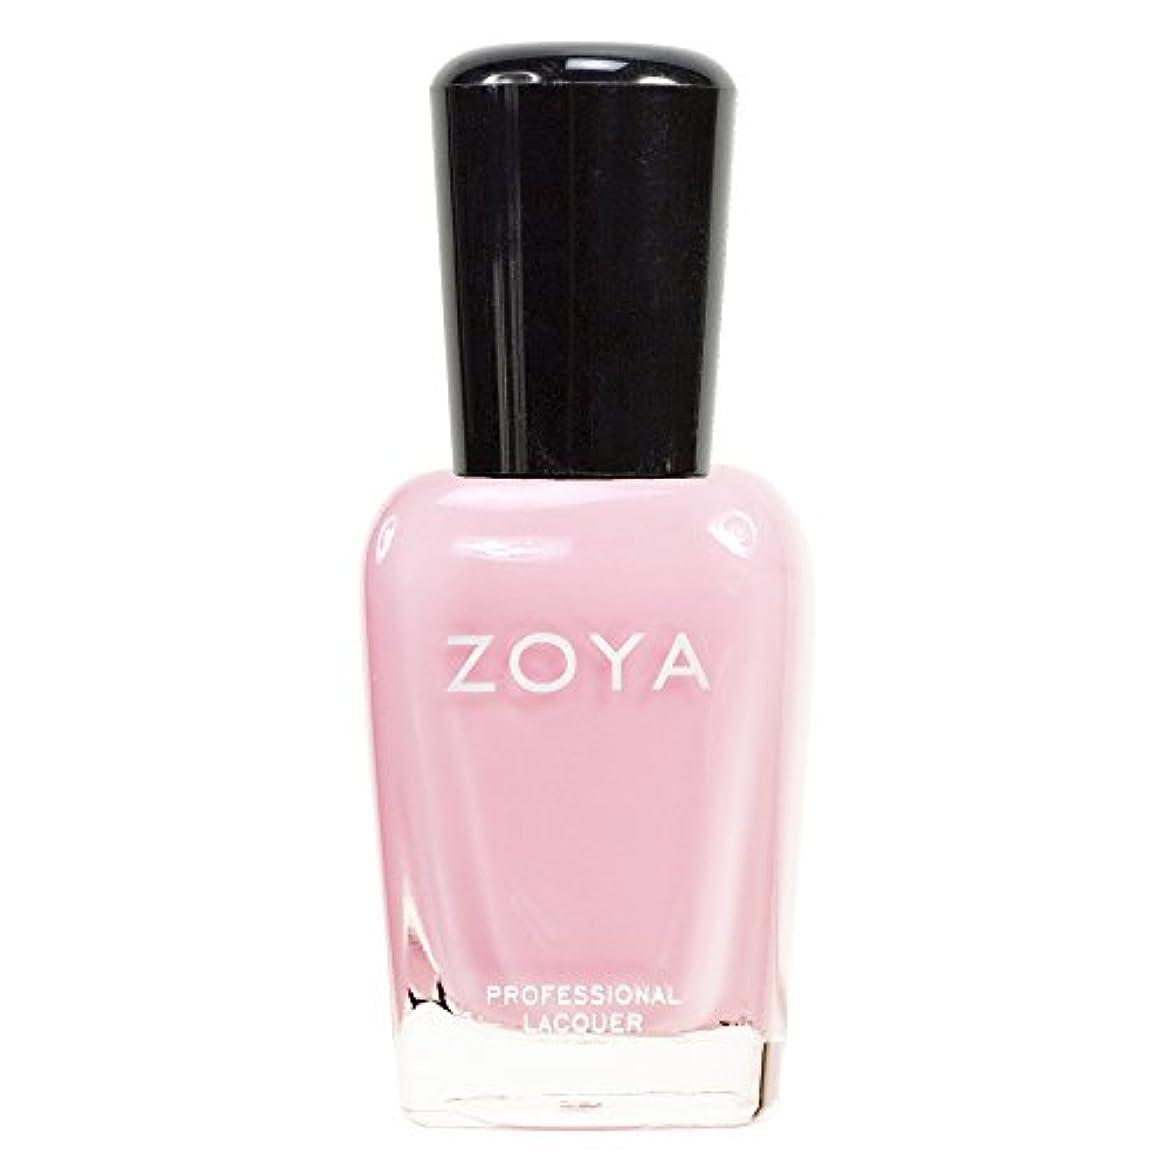 かんたん子羊菊ZOYA ゾーヤ ネイルカラーZP315 BELA ベラ 15ml 淡く優しいクリーミーなピンク マット 爪にやさしいネイルラッカーマニキュア